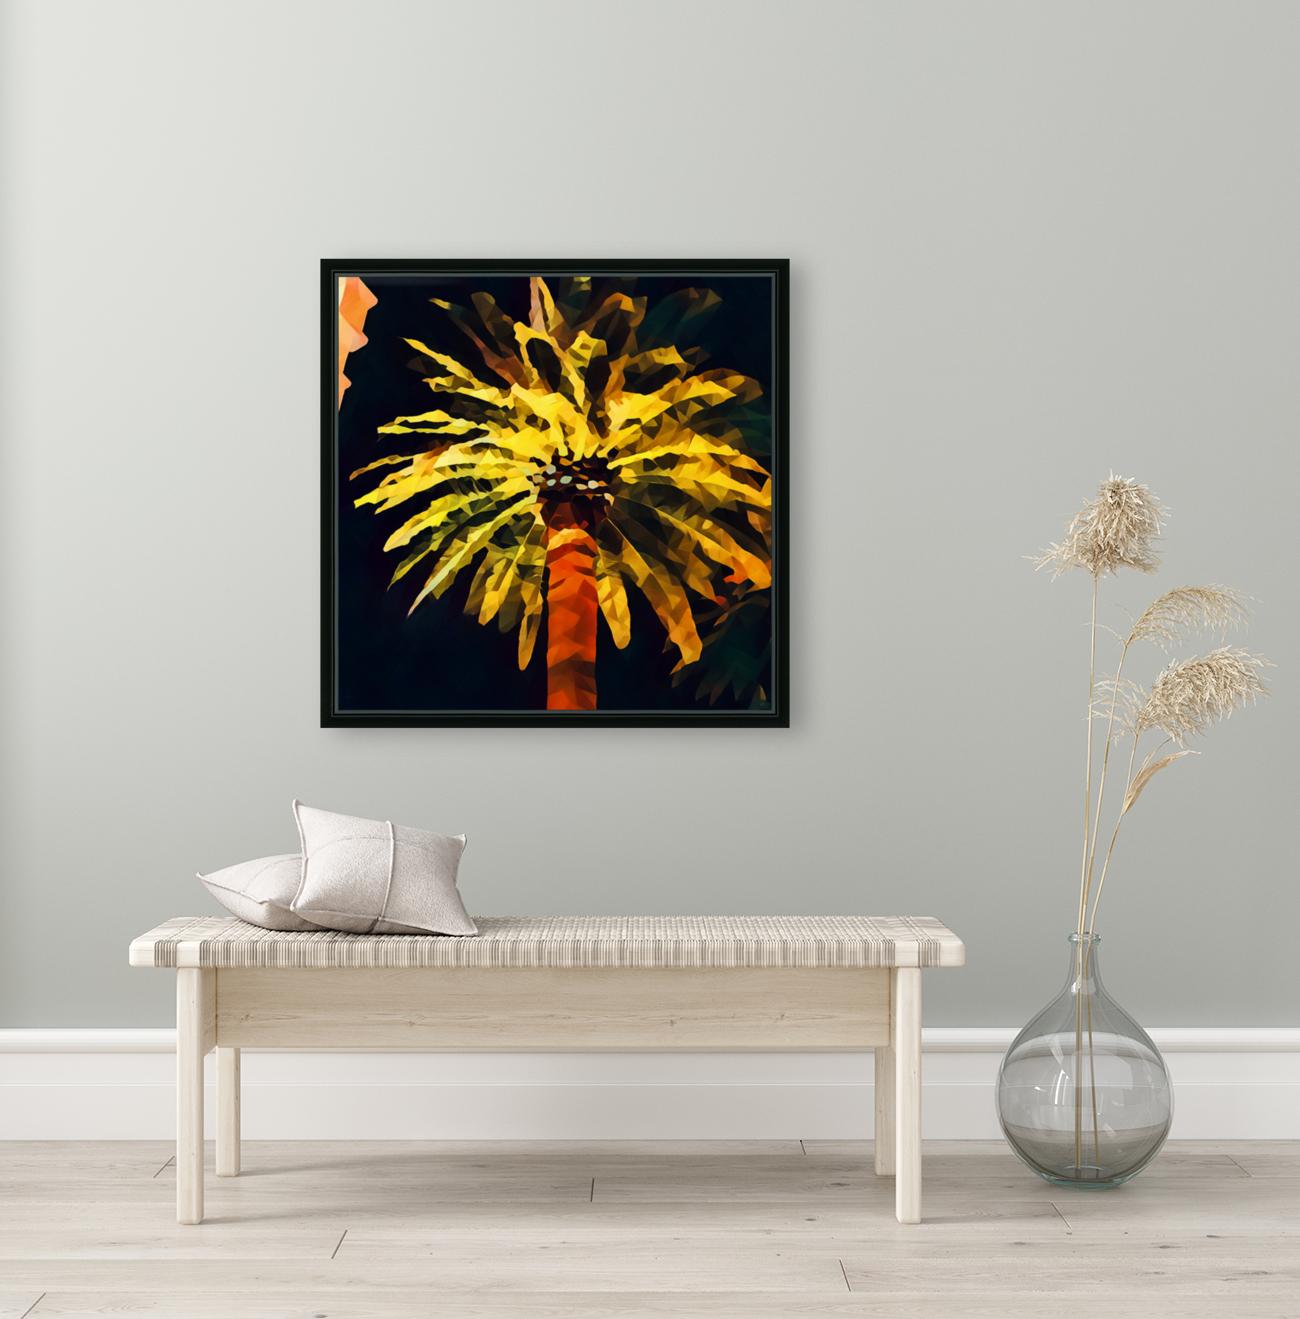 las vegas palm tree at night  Art